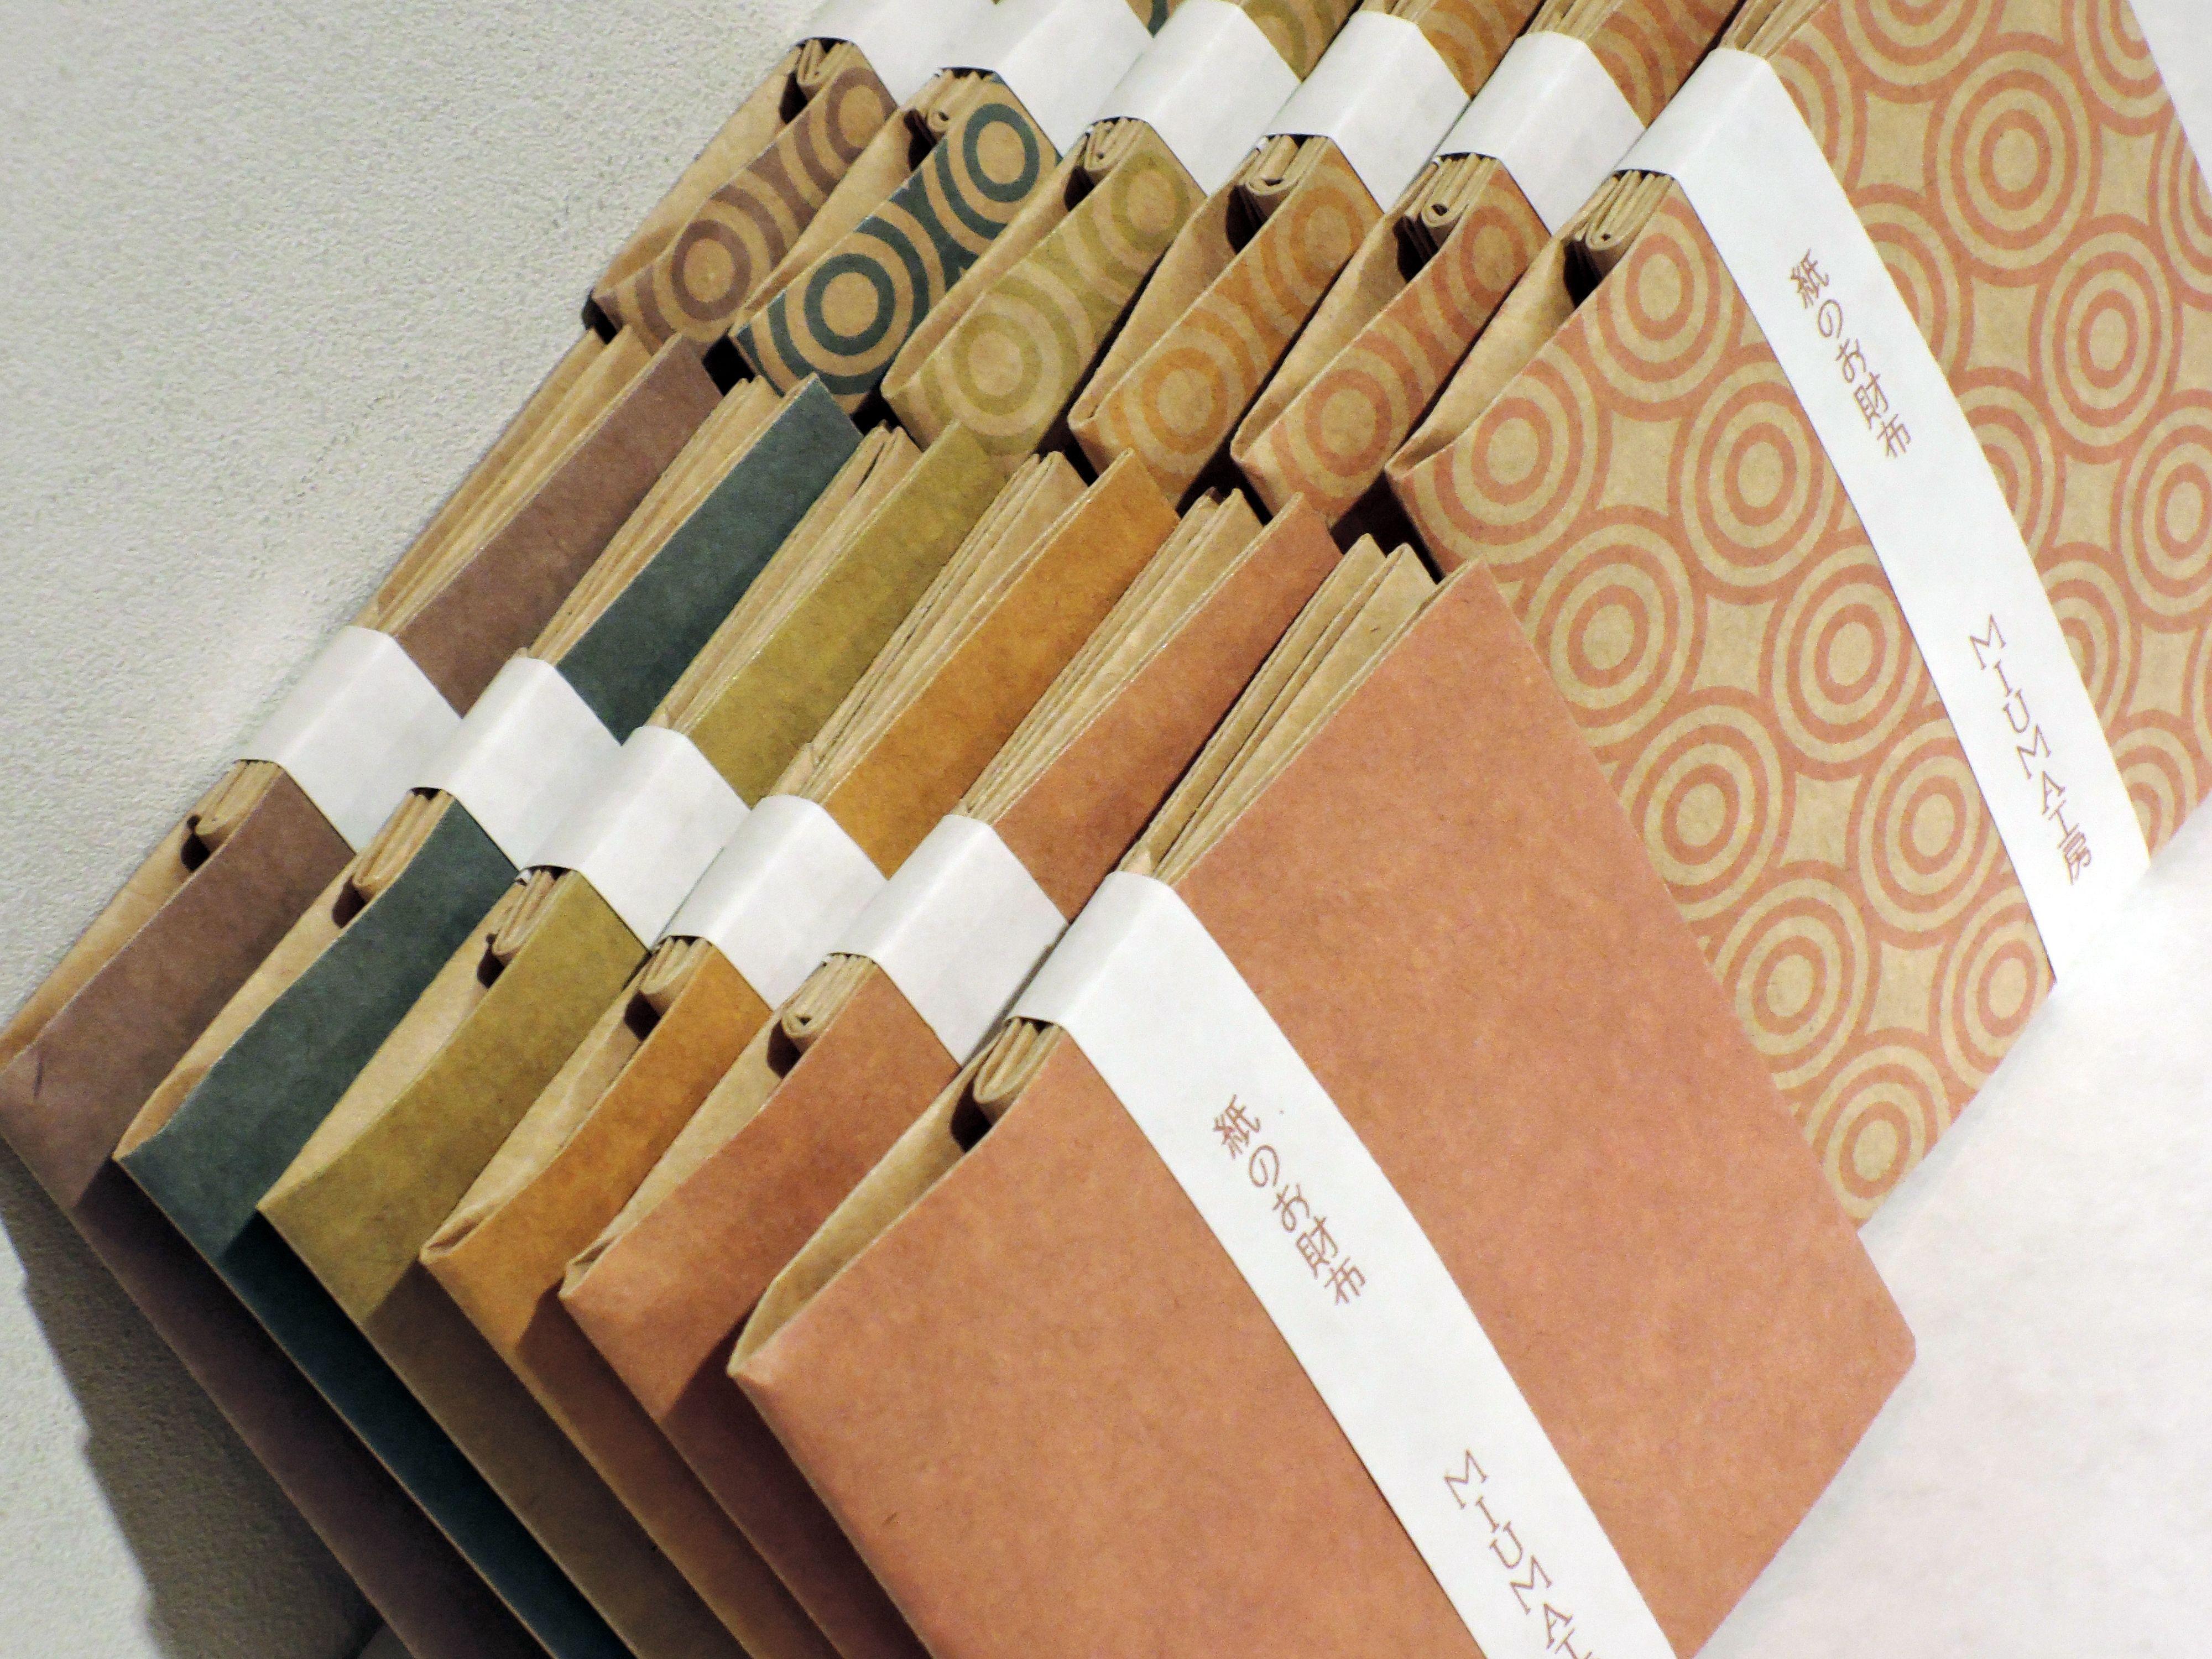 クラフト紙ベースだソフトな゠ラーだスクエアな紙財布です。 紙財布